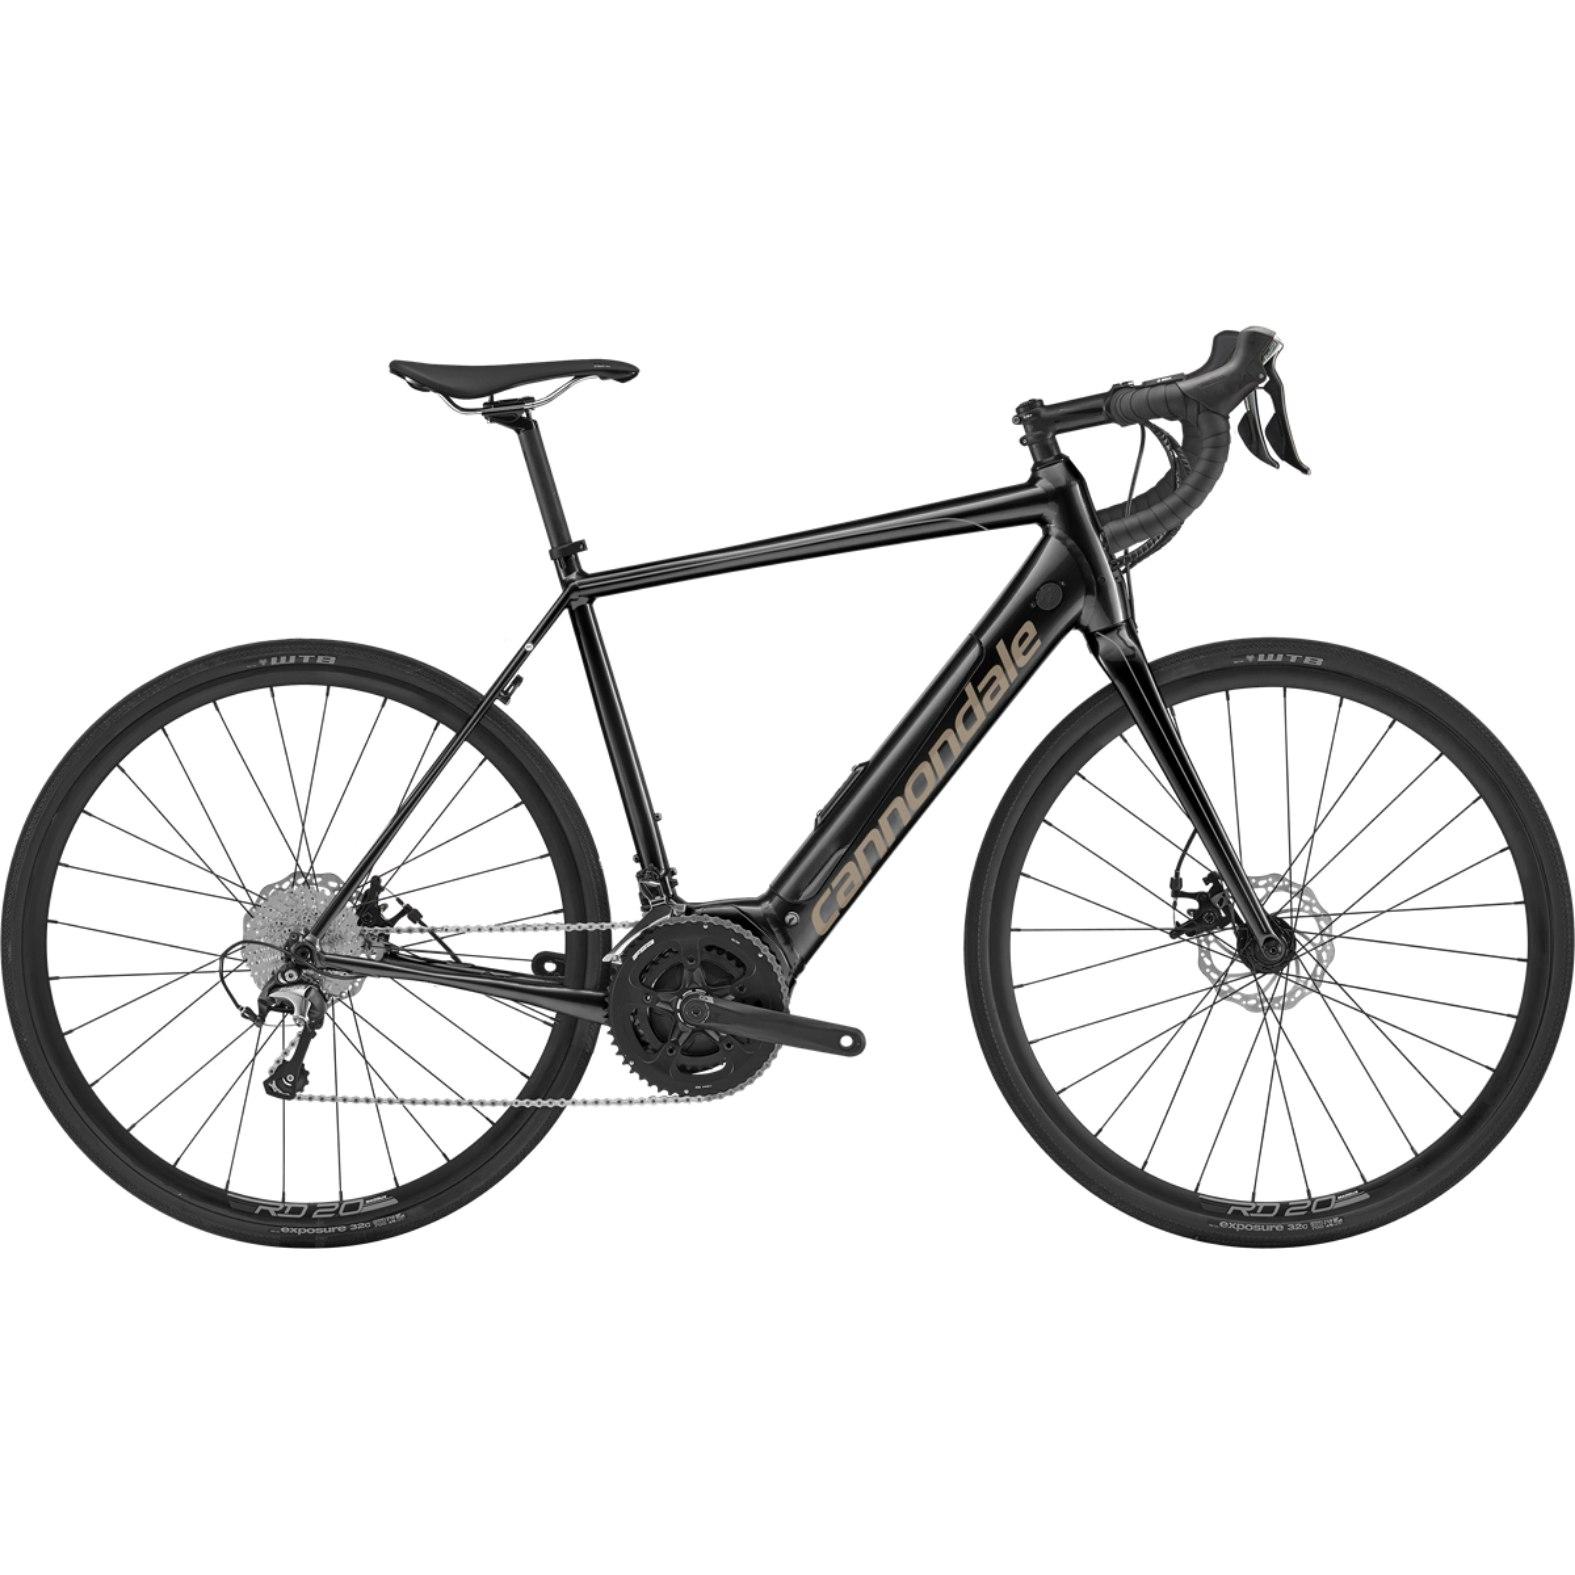 1575x1575 Cannondale Synapse Neo Al Road E Bike